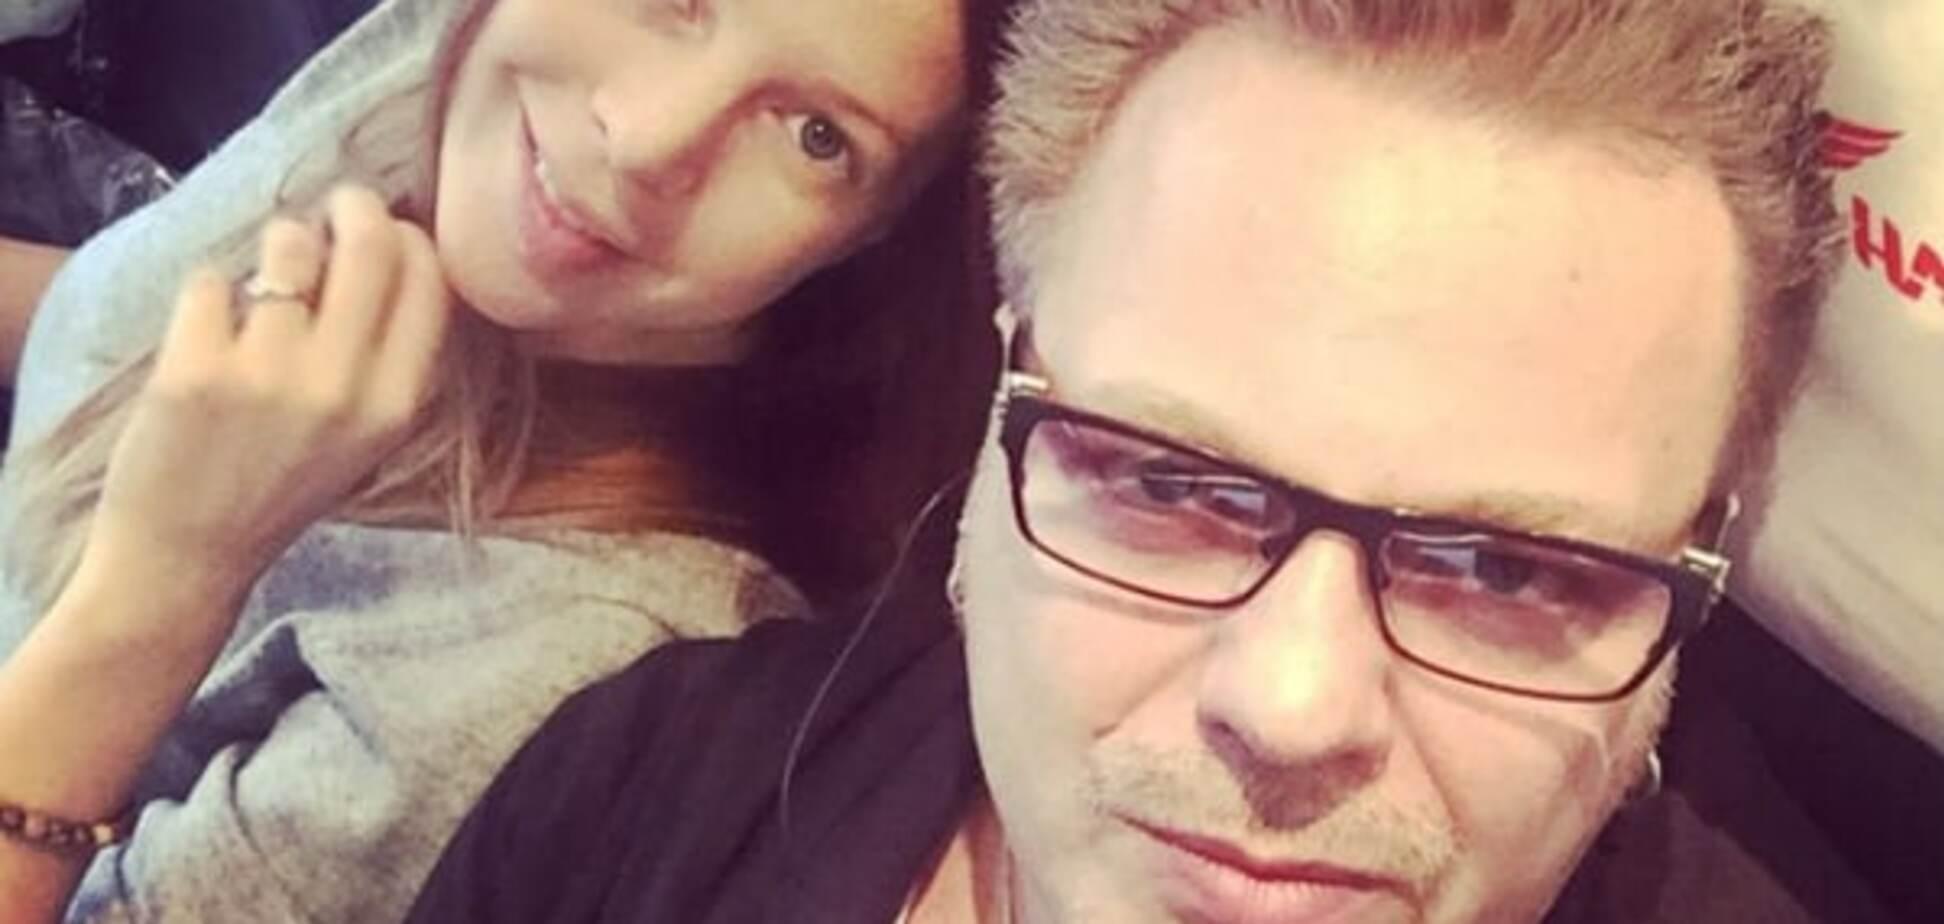 Наталья Подольская показала трогательный снимок обнаженного Преснякова с сыном